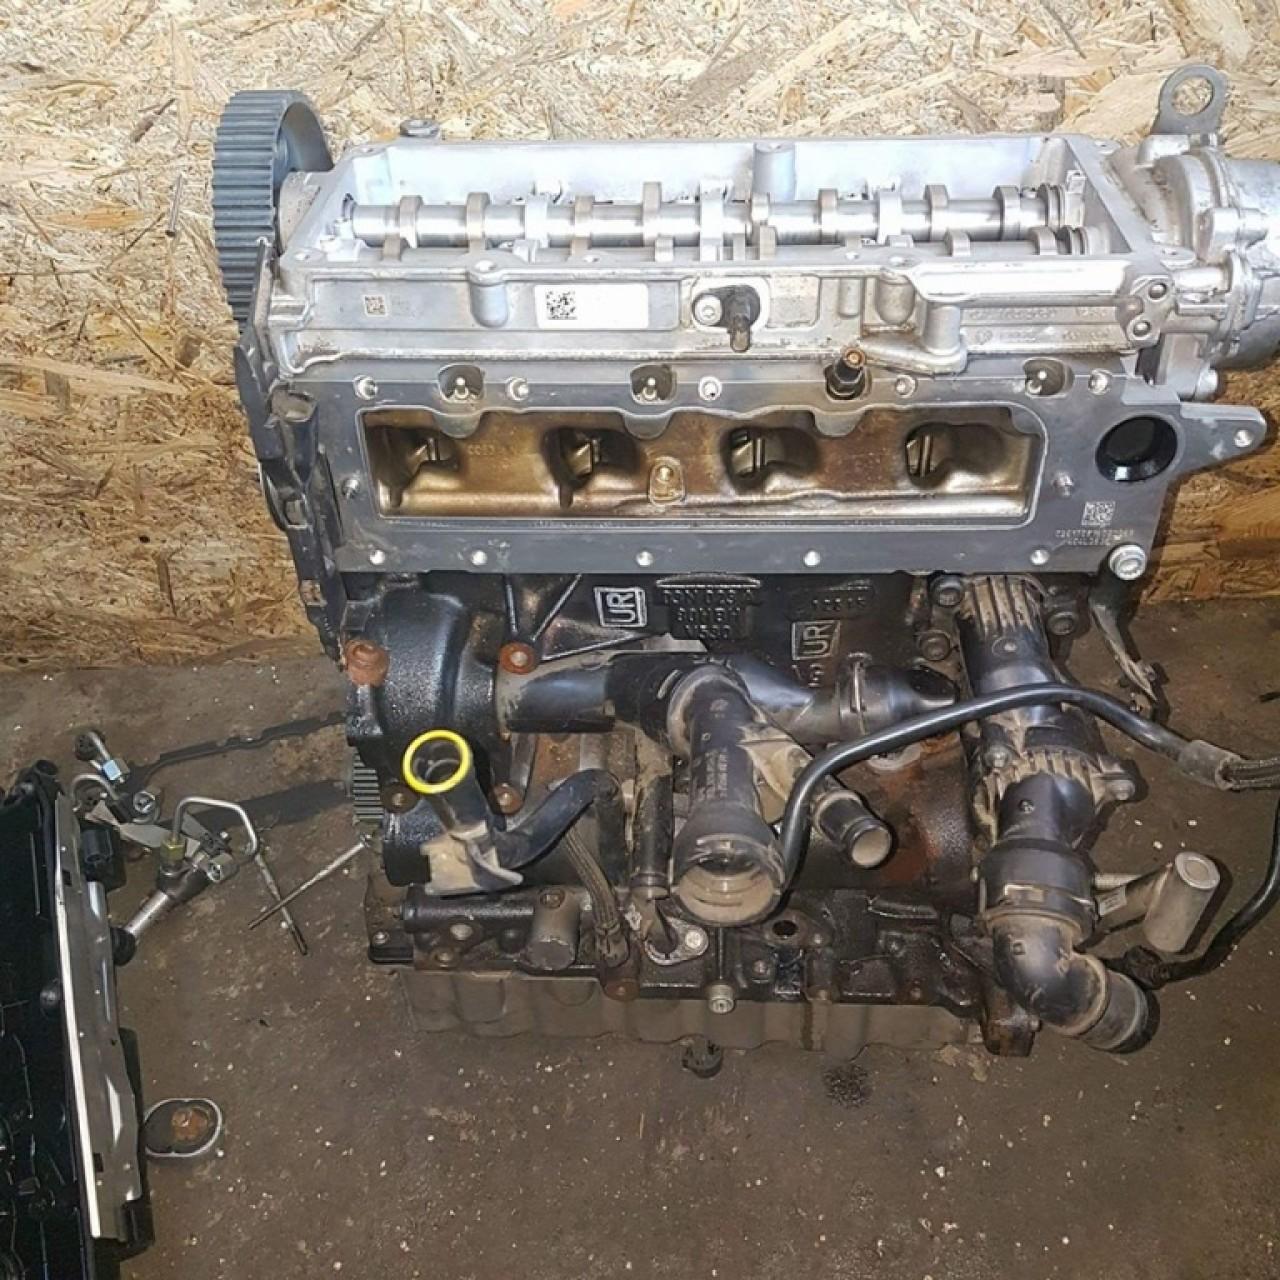 Motor audi a3 8v 2.0 tdi cuna 184 cai euro 6 3000 km